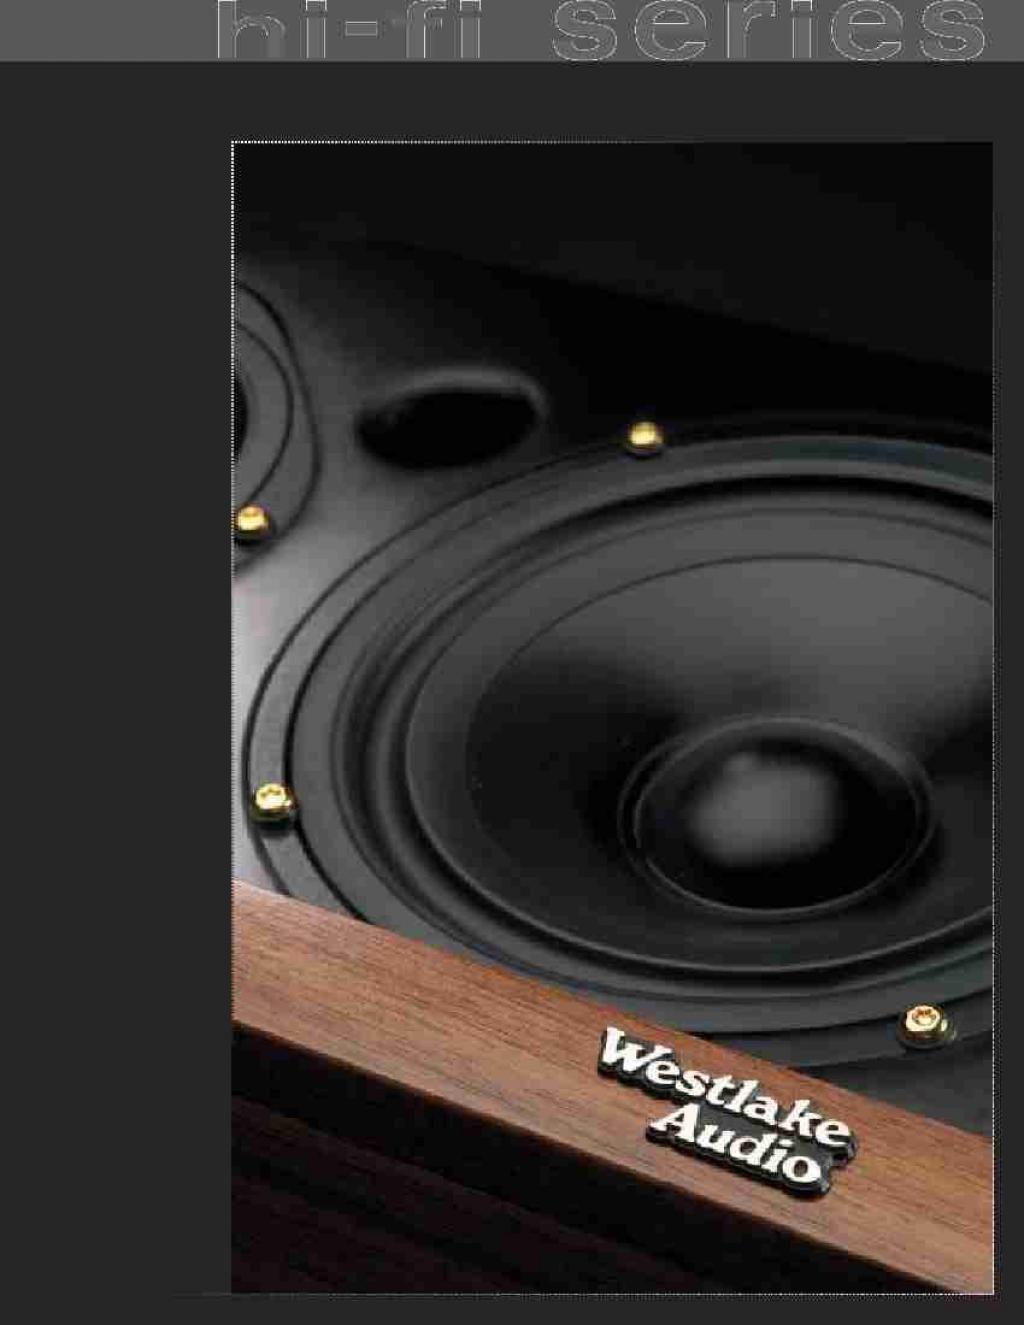 Projet DIY - Double 38 - Compression 2 pouces - l'aboutissement ? - Page 3 20041508125144012